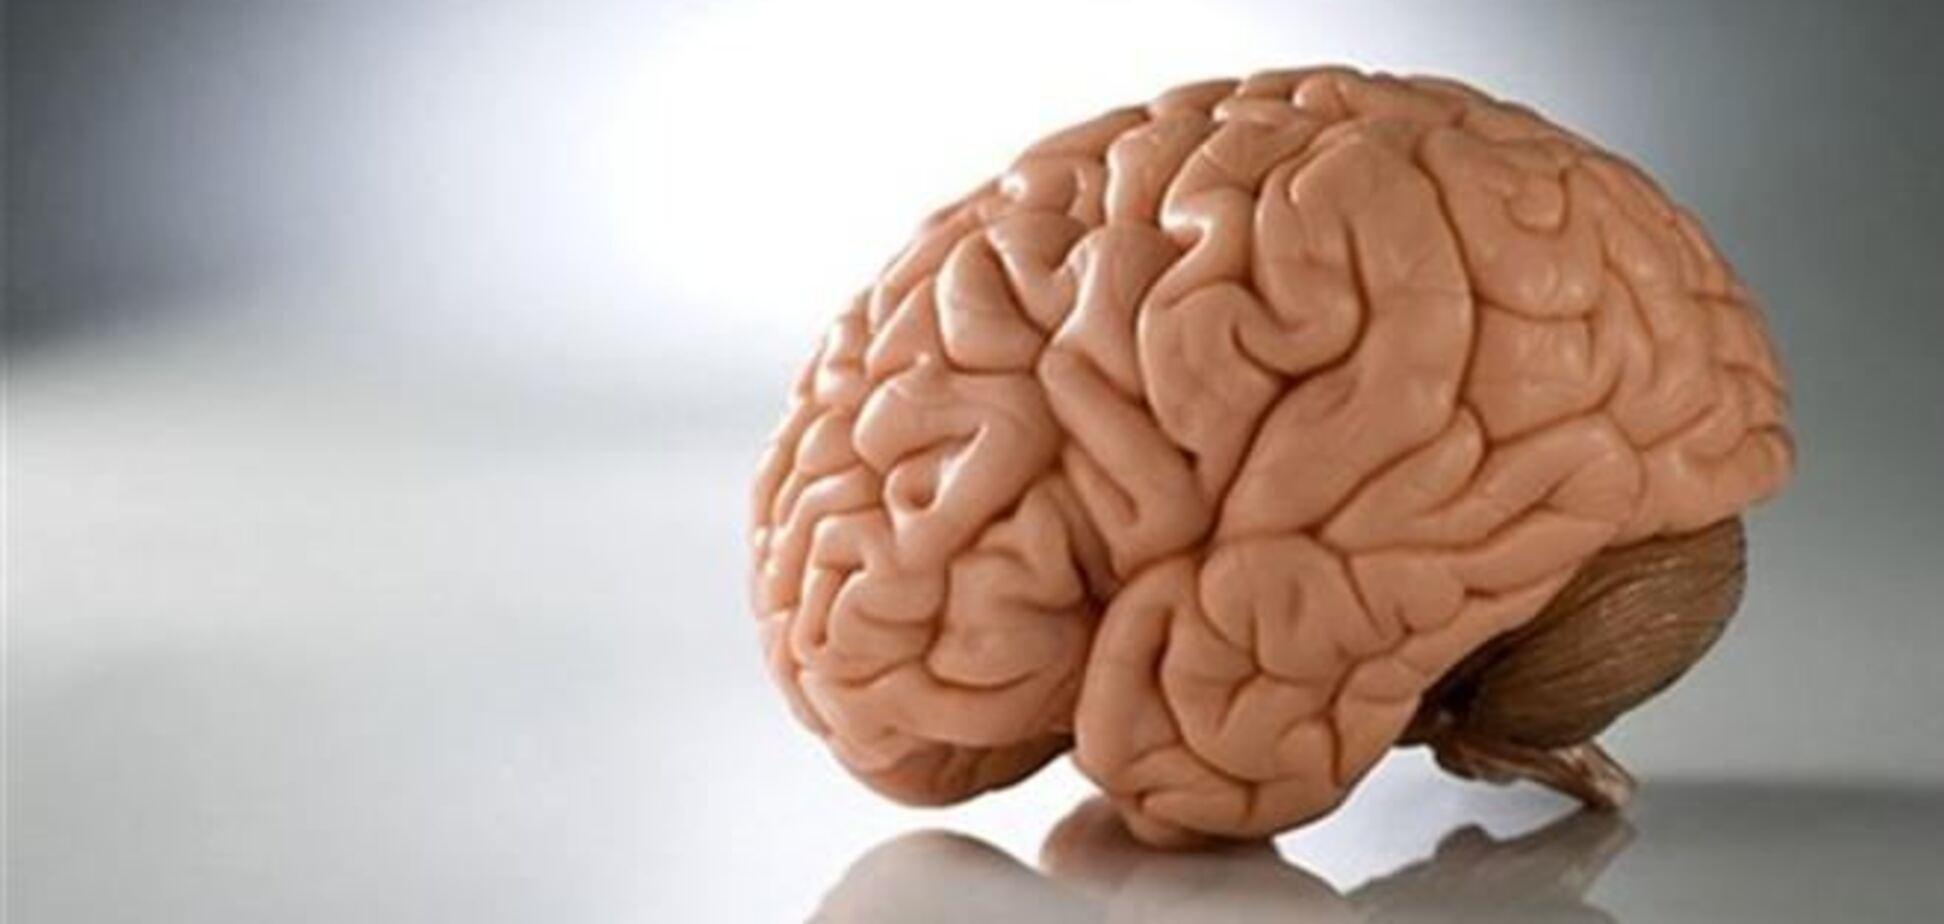 Ученые выяснили, как сделать человека послушным